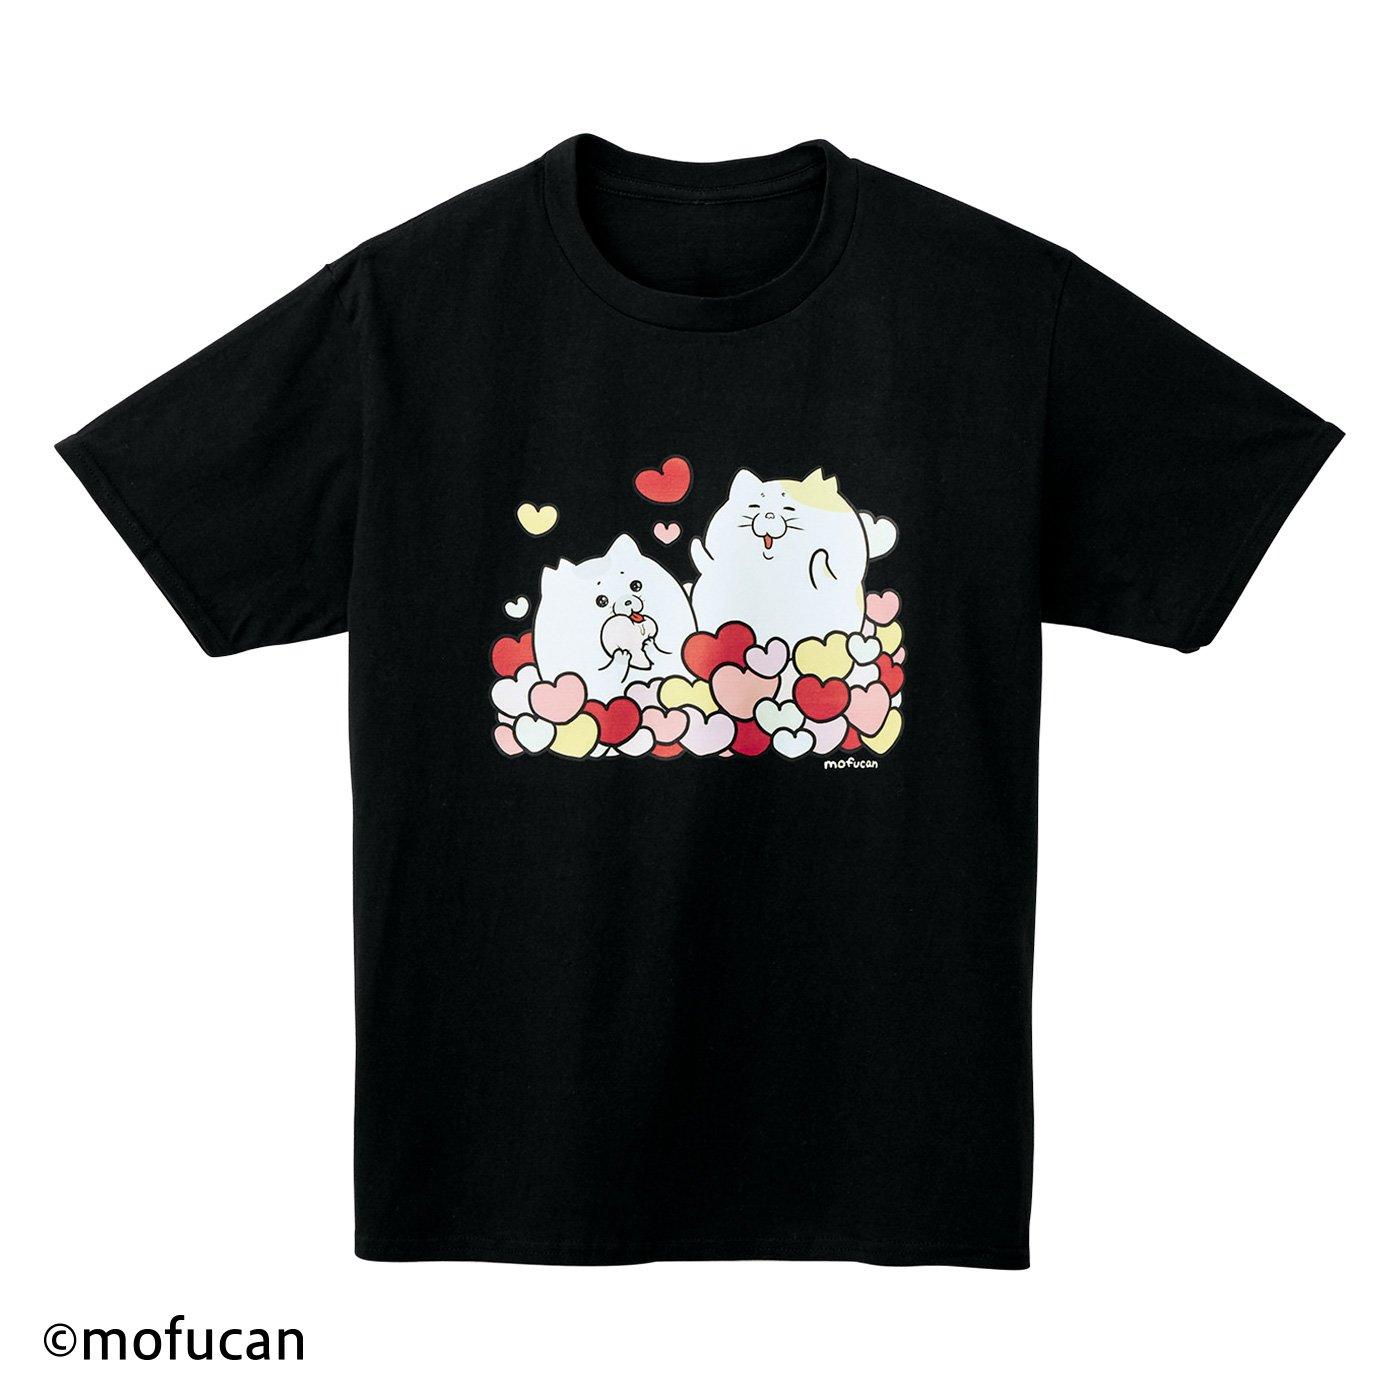 モフ缶×猫部 地域猫チャリティーTシャツ2021